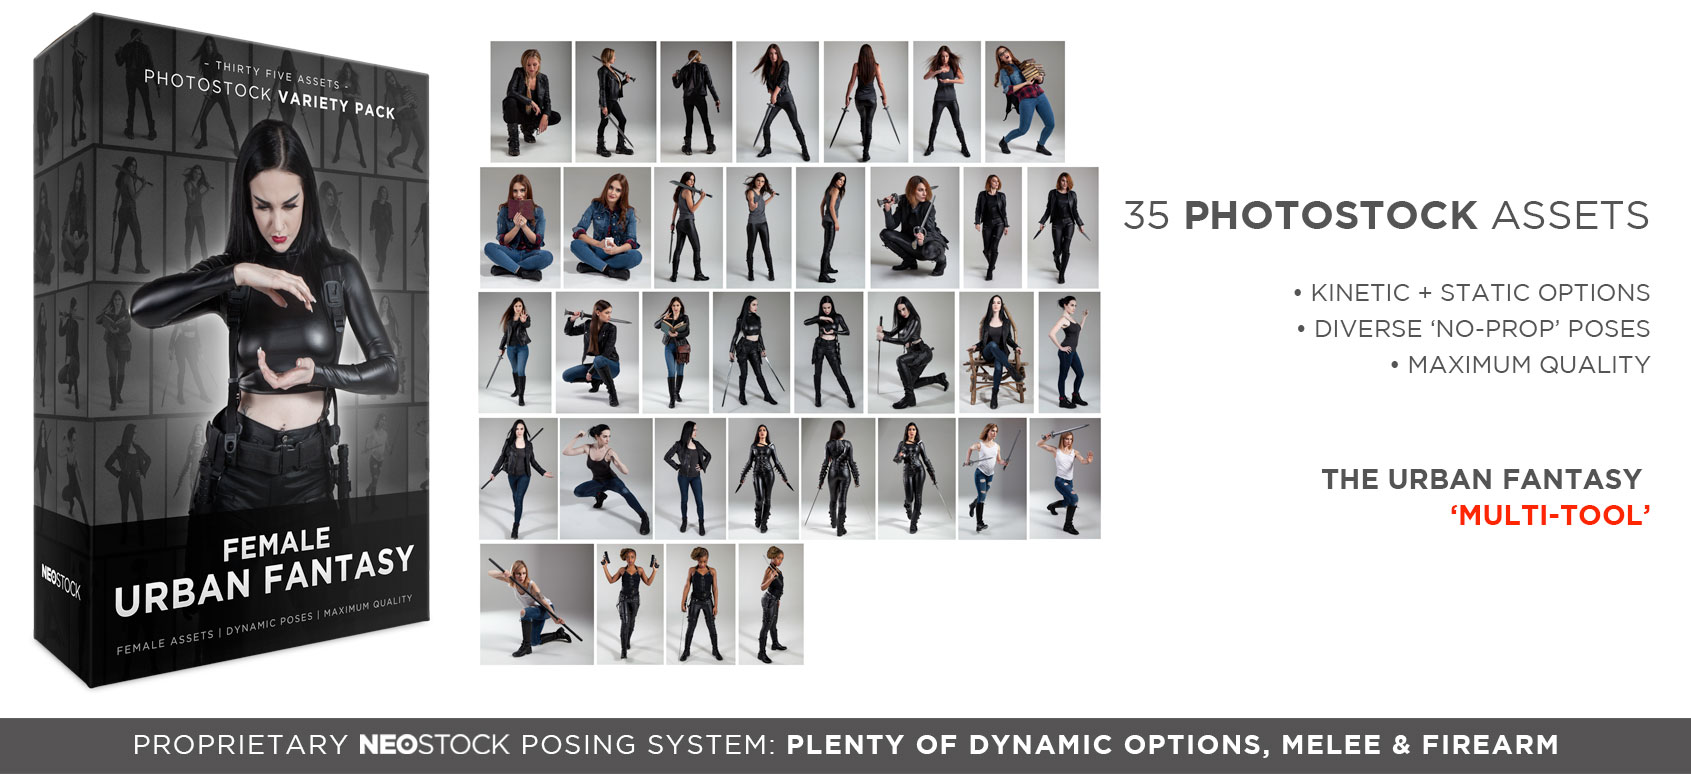 uf f photostock variety pack I sales splash